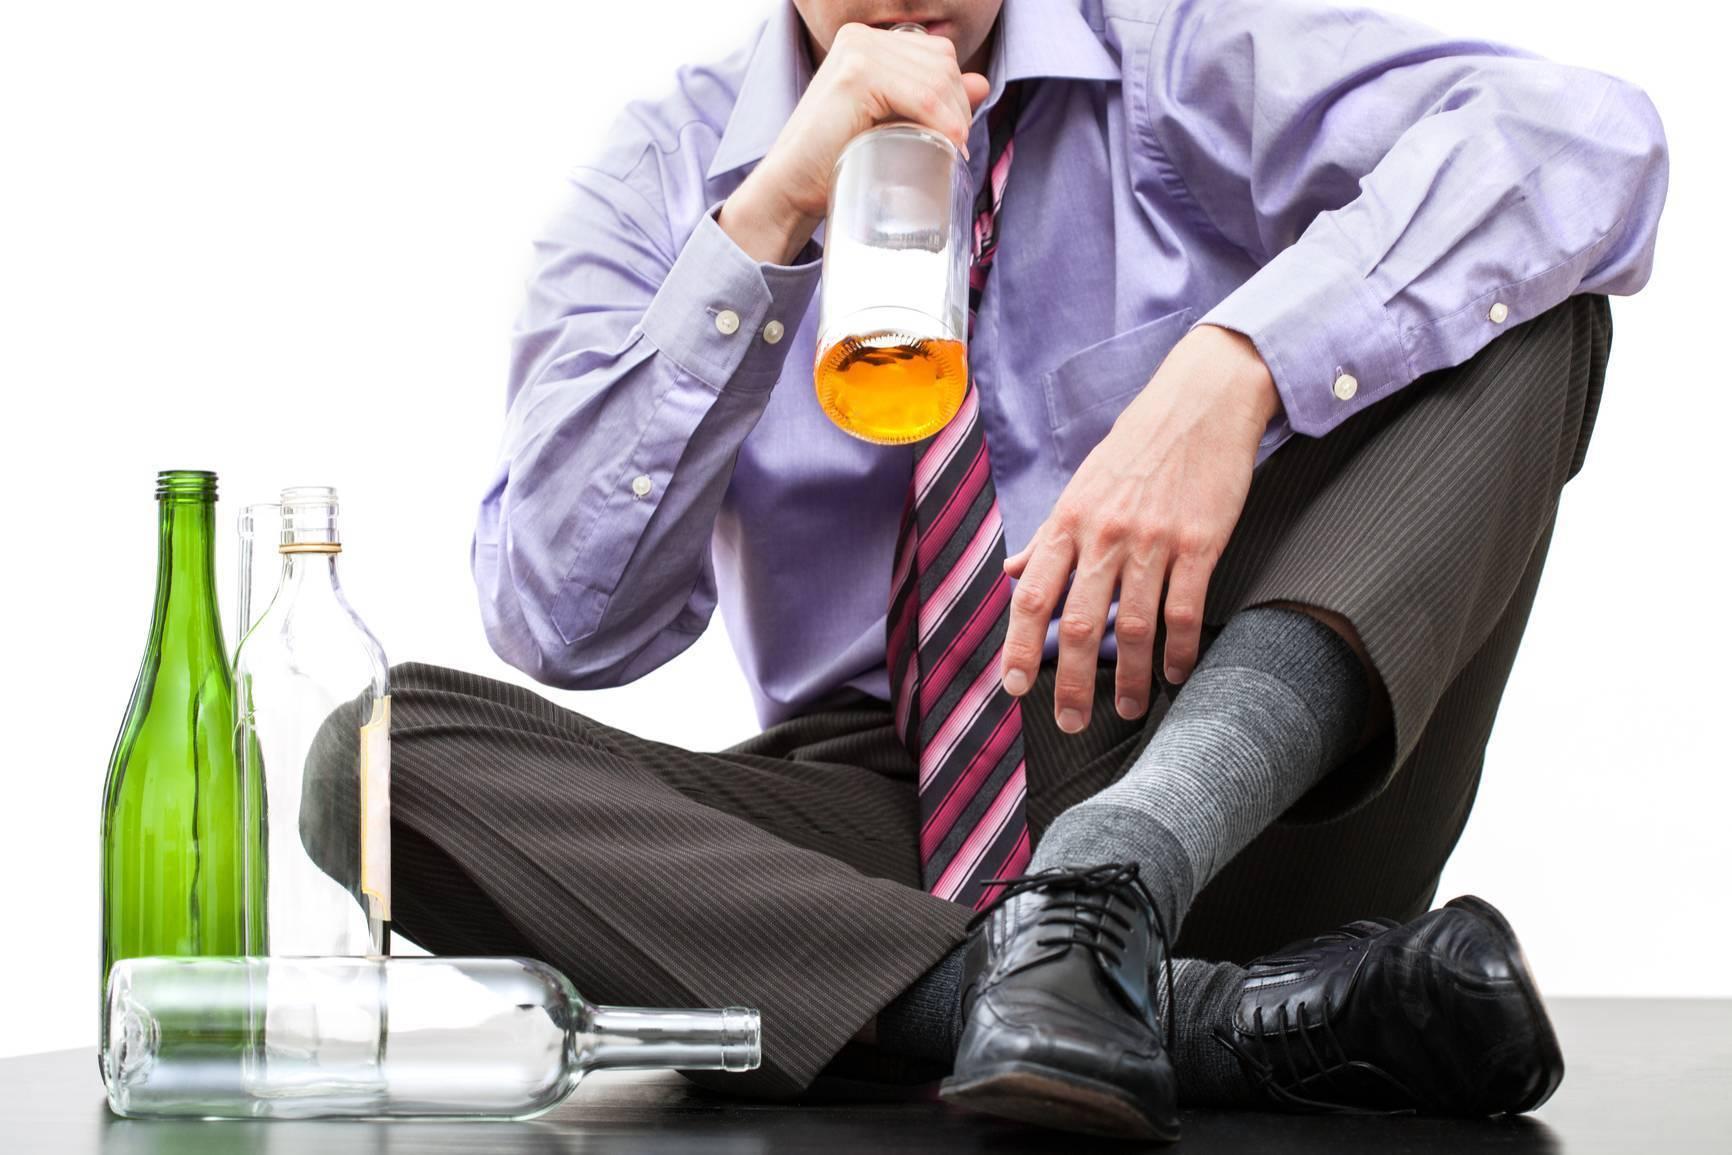 Можно ли при депрессии и неврозе пить алкоголь и почему он повышает настроение — научные факты